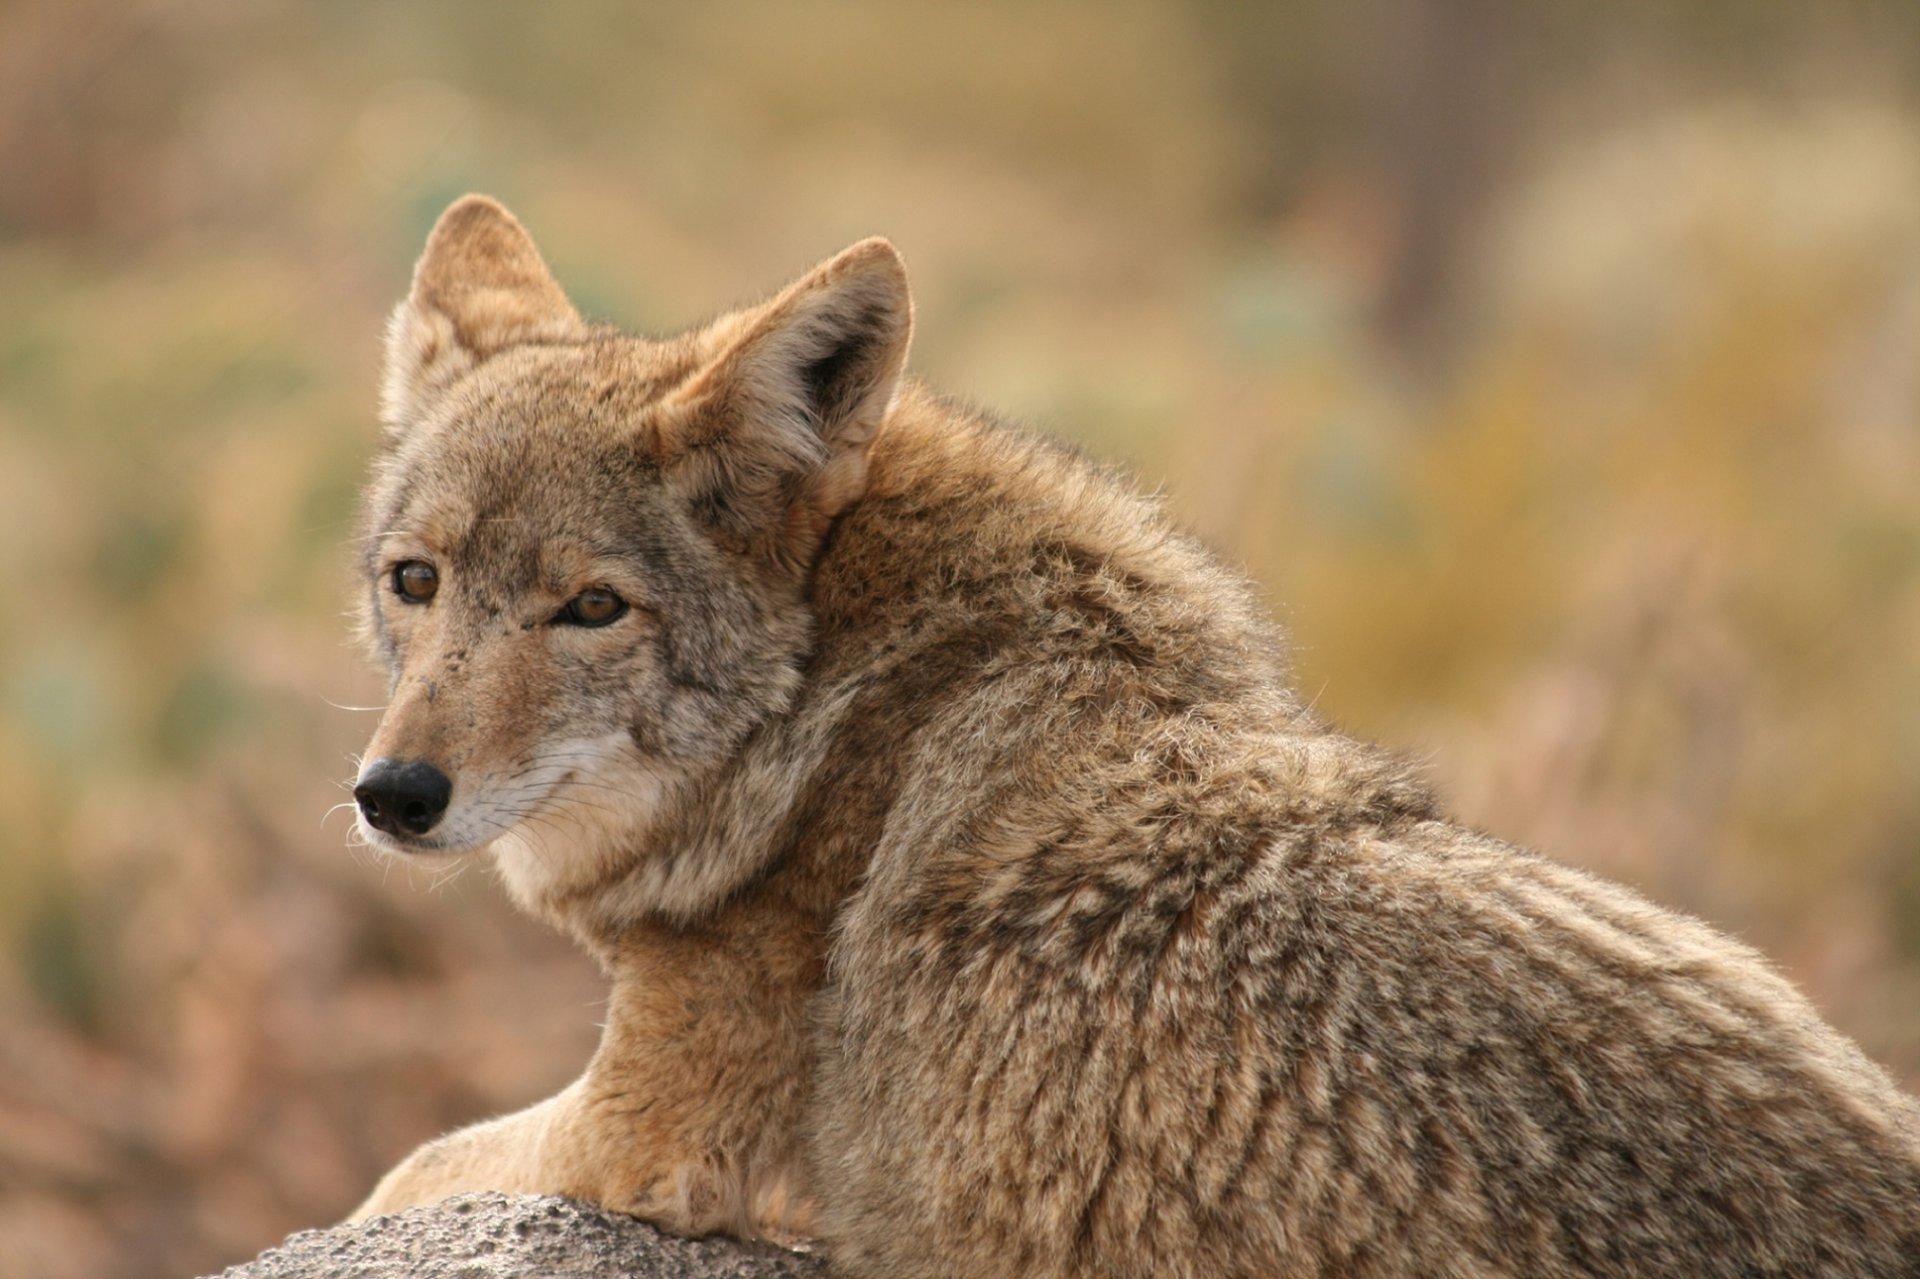 степной волк фото животное заметили